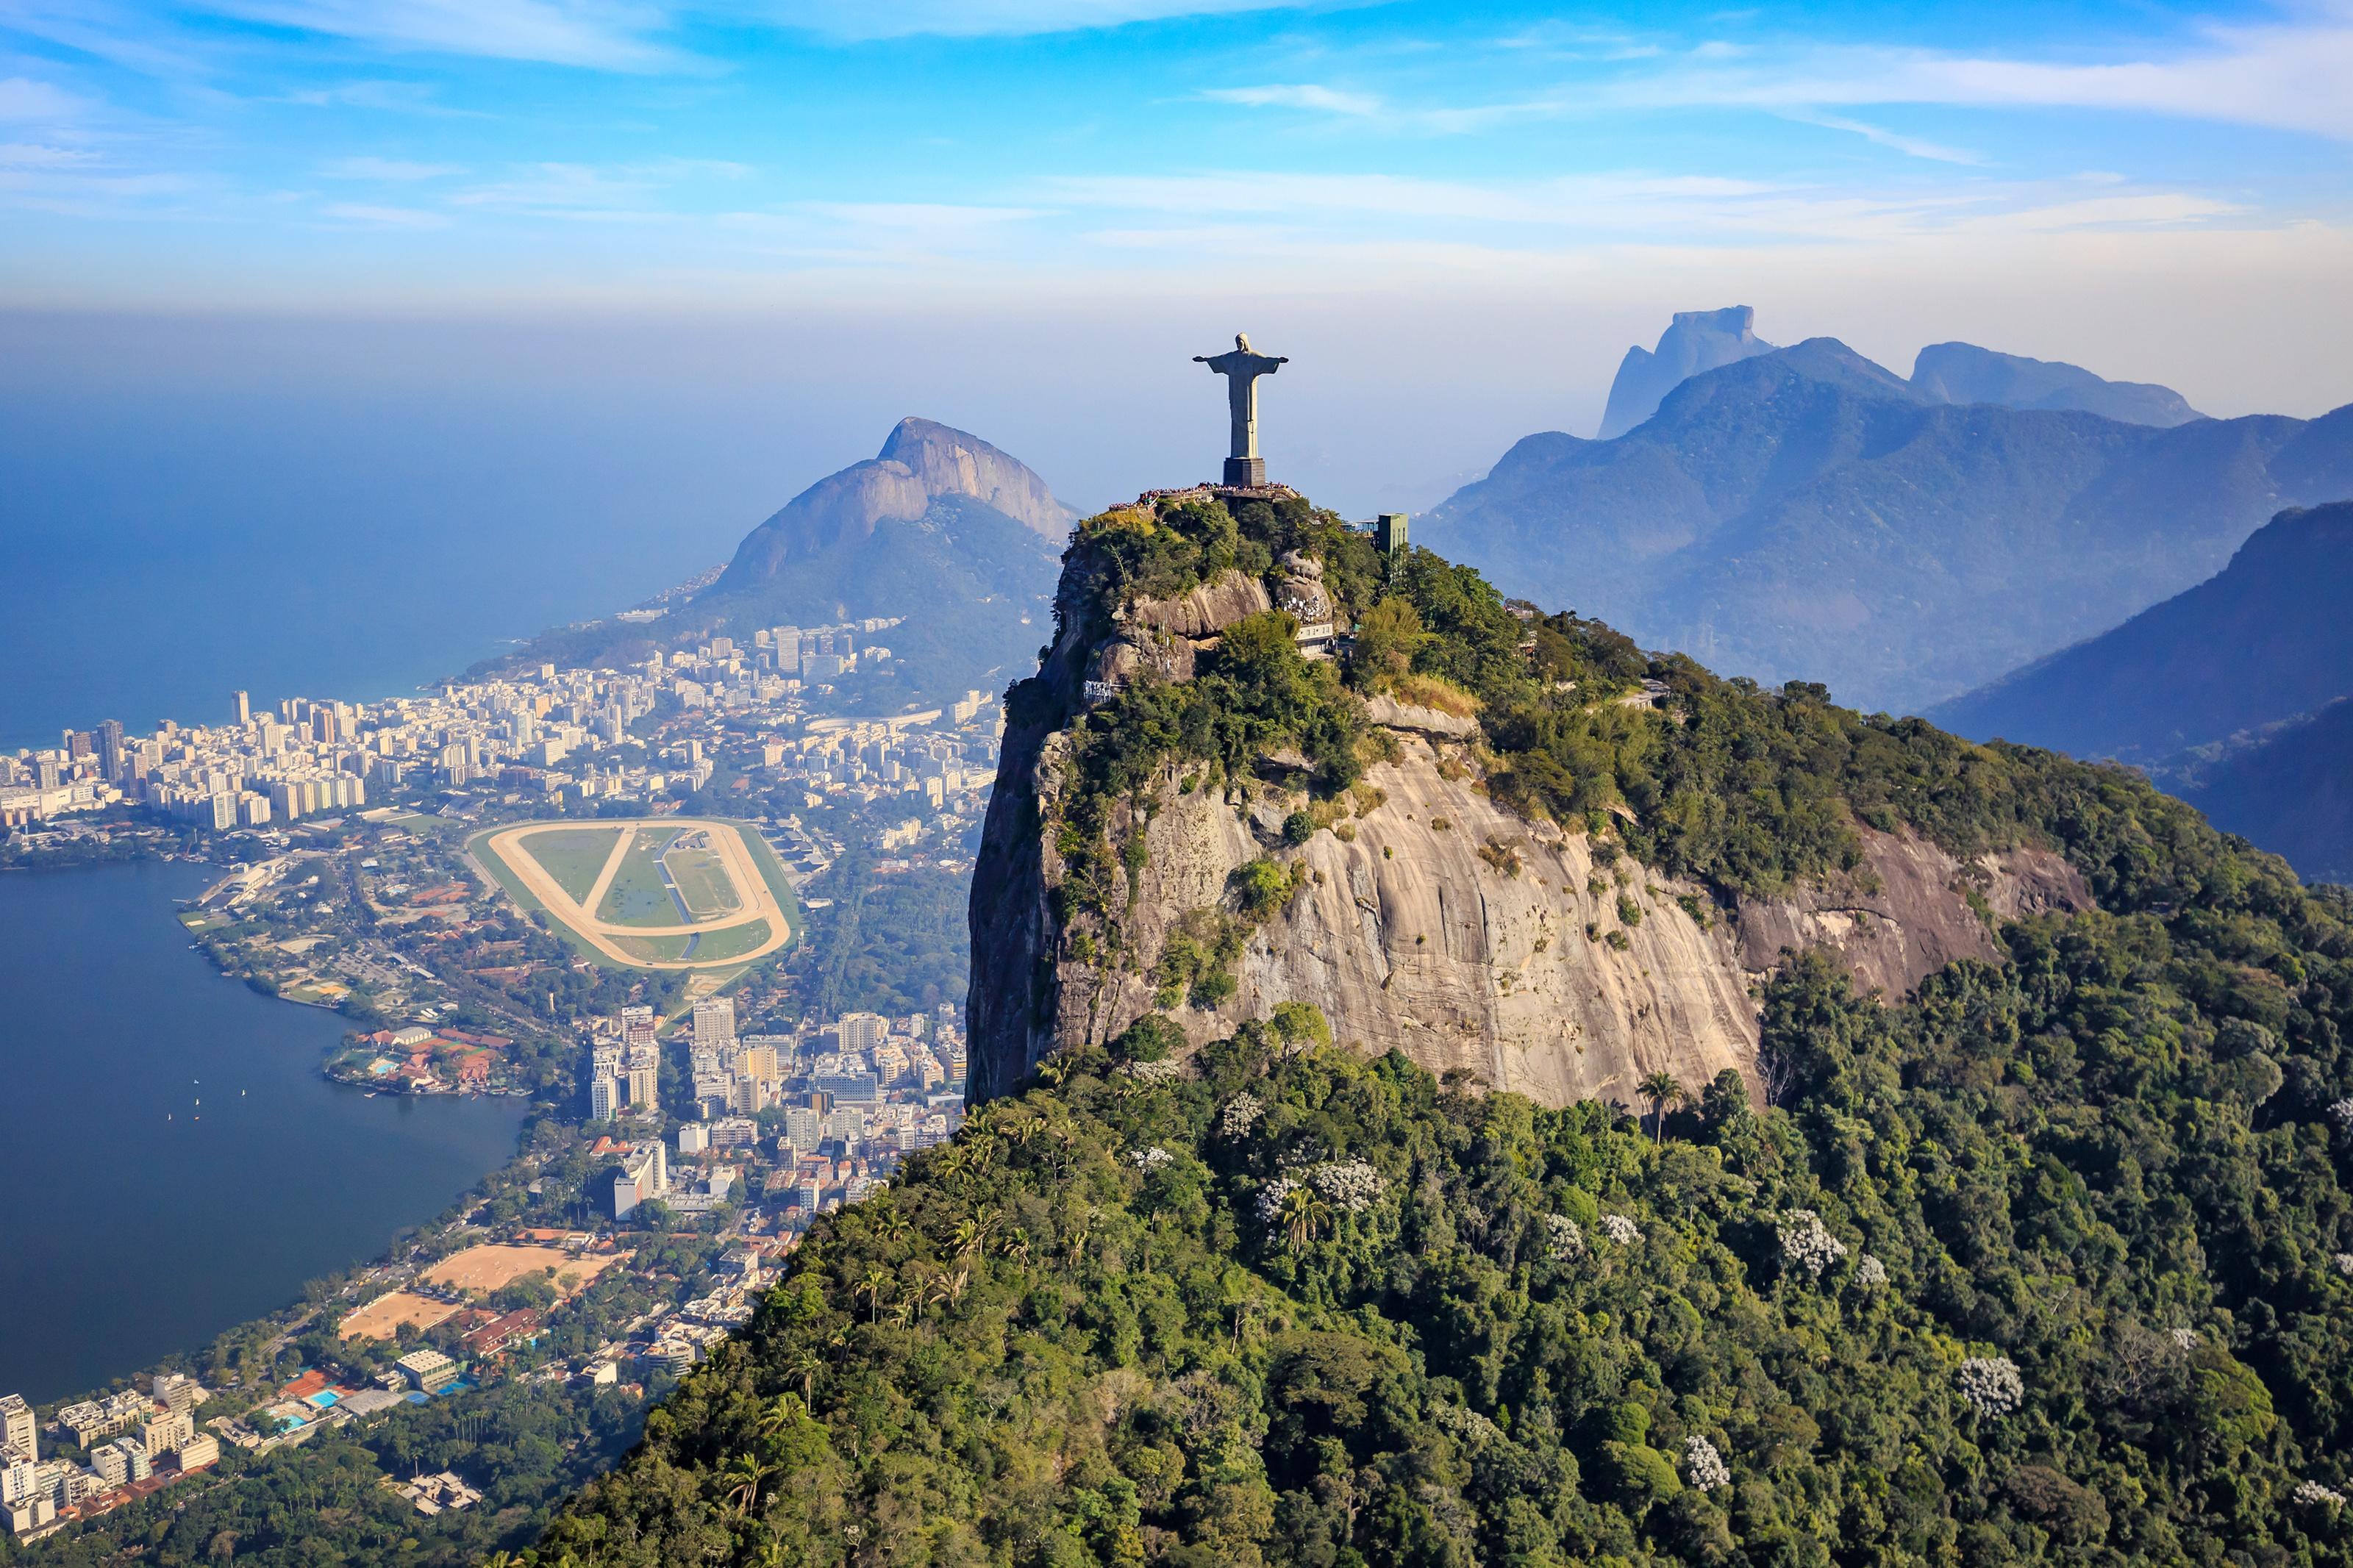 Découvrir le Corcovado de Rio de Janeiro